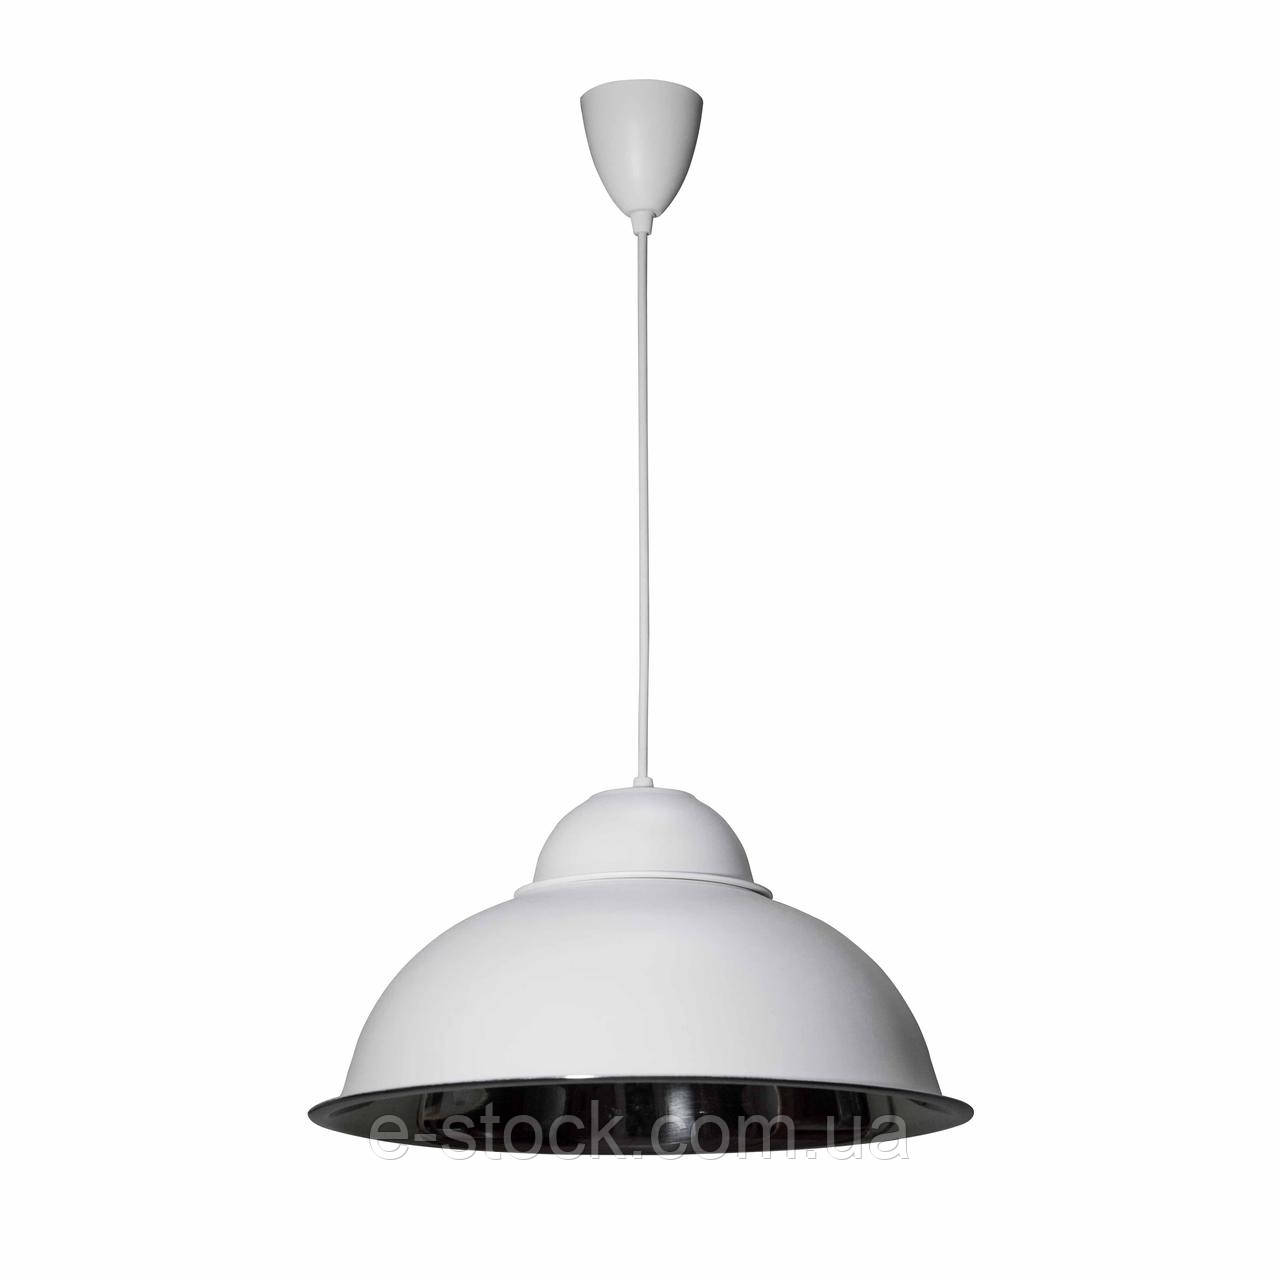 Светильник подвесной  СП 3614 WH+CR MSK Electric